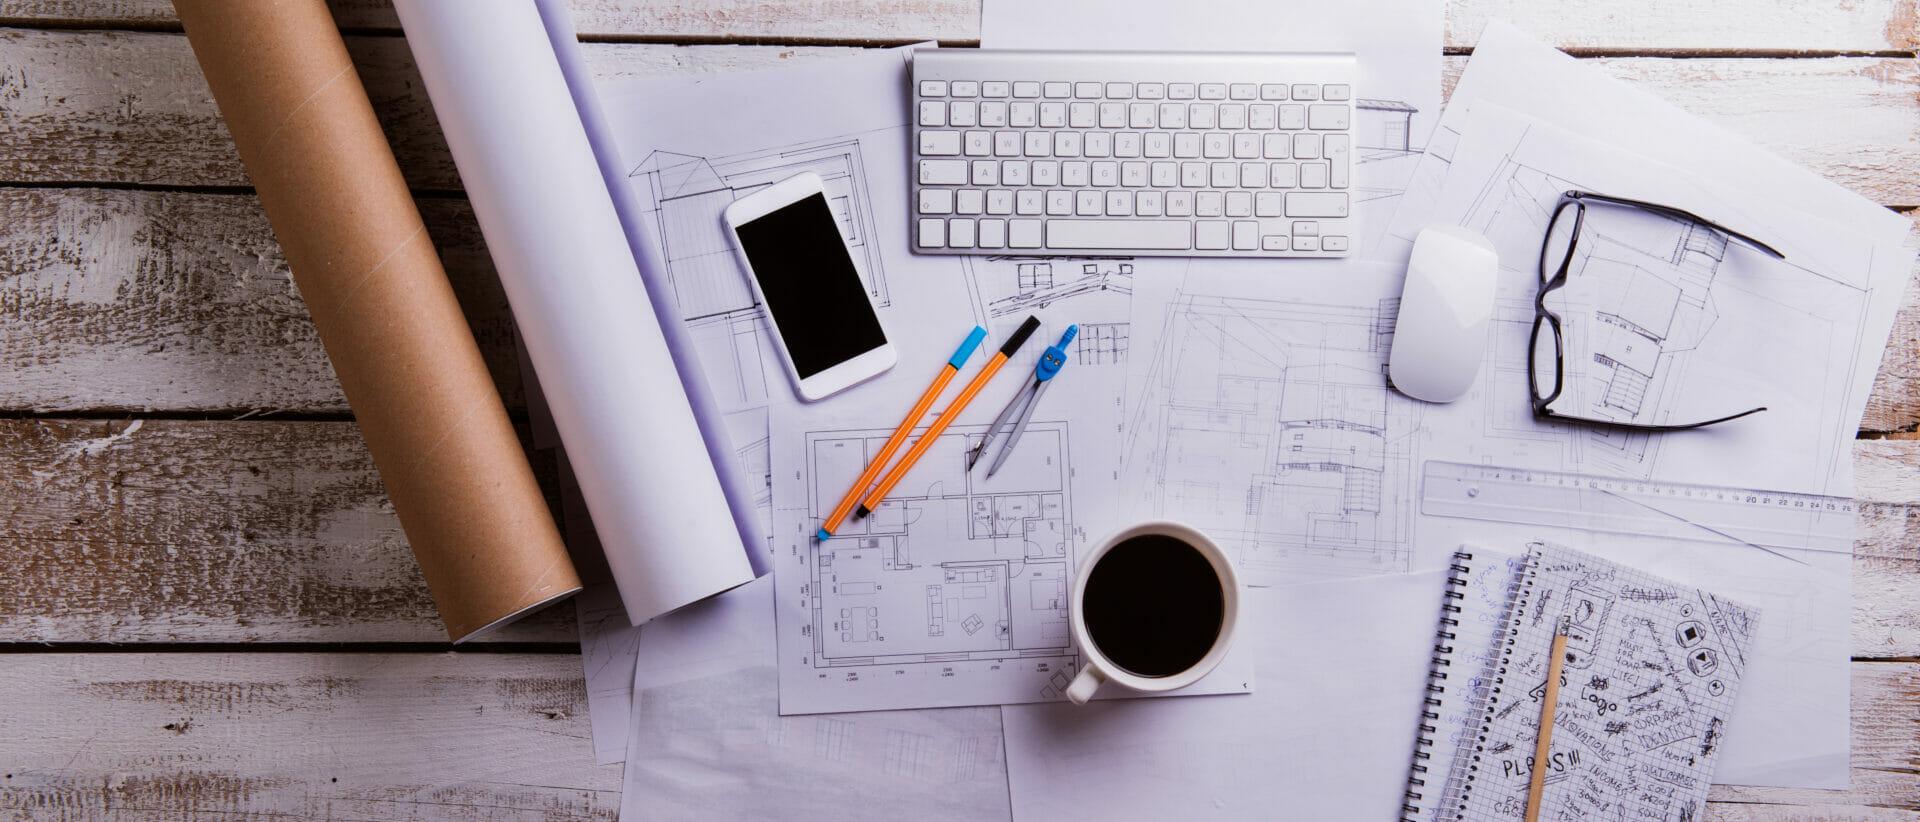 Contractor marketing services, Digital marketing for contractors, Best marketing strategies for contractors, Social media for general contractors